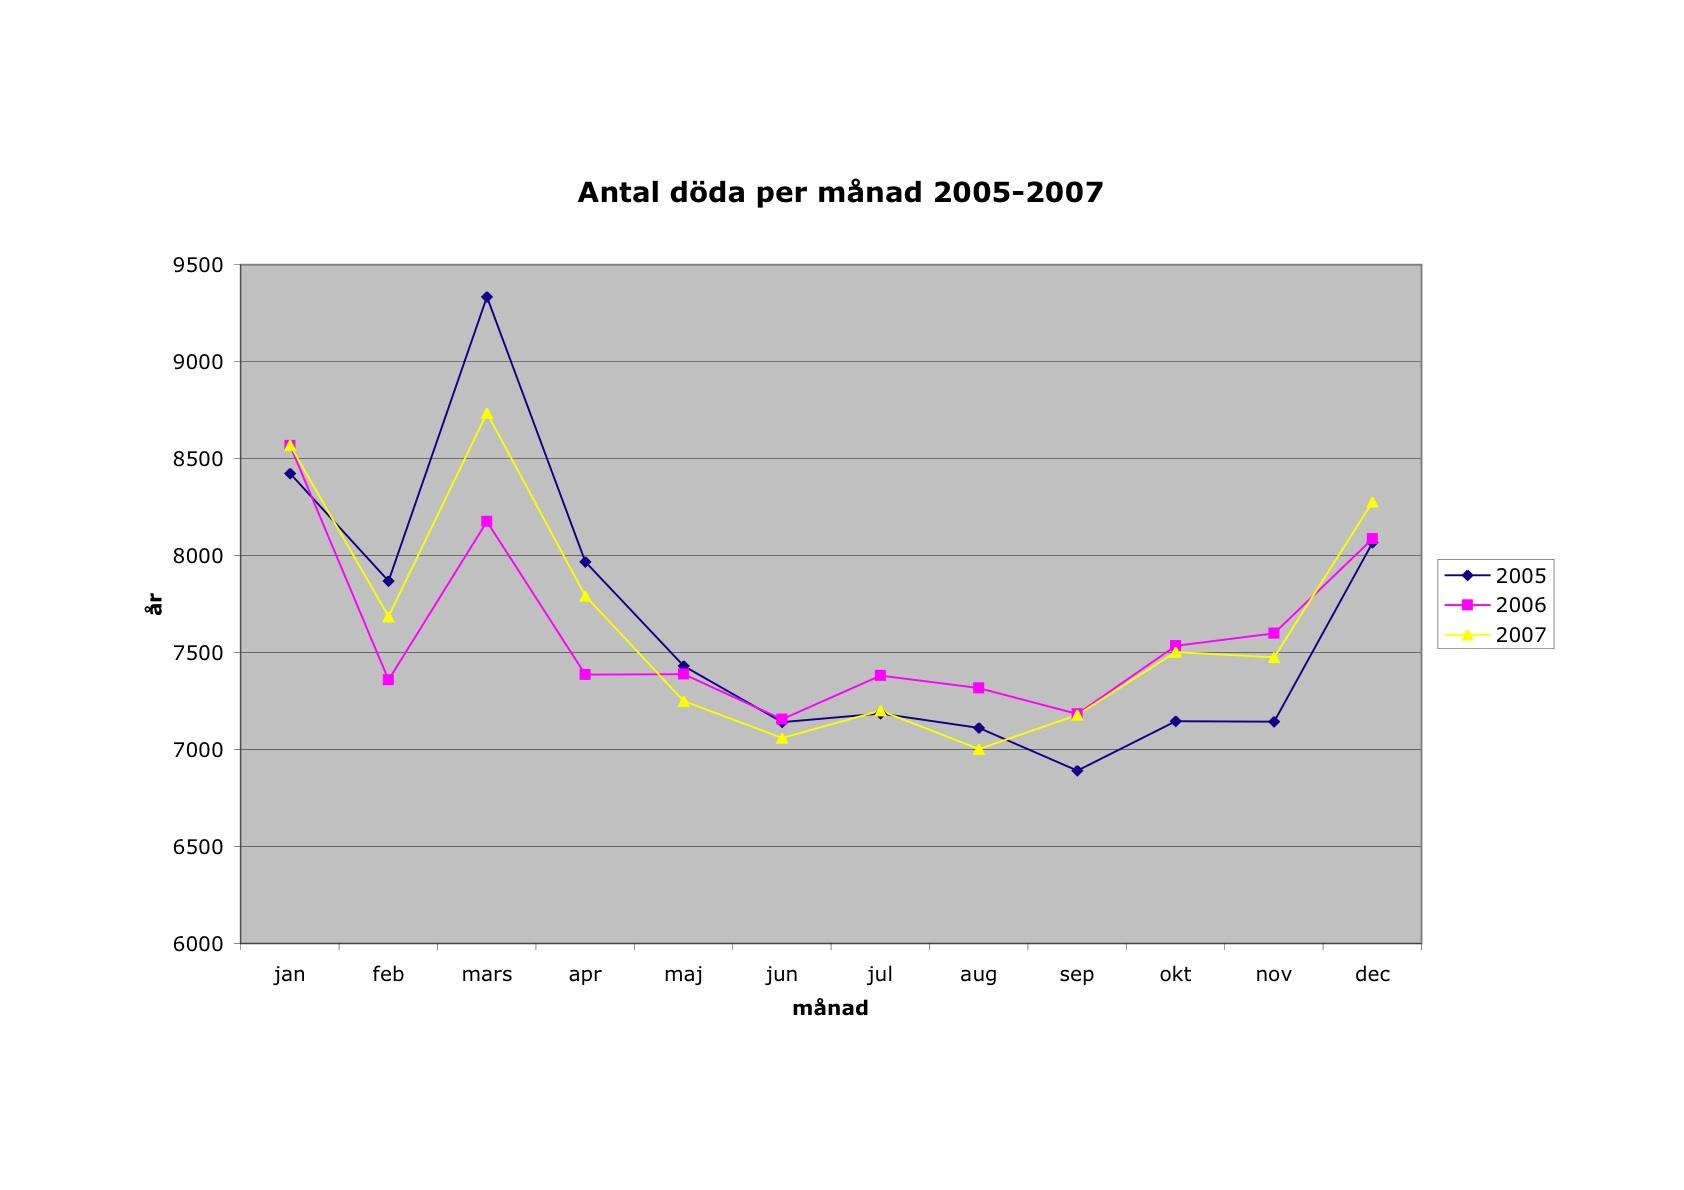 Antal dödsfall per månad i Sverige 2005-2007